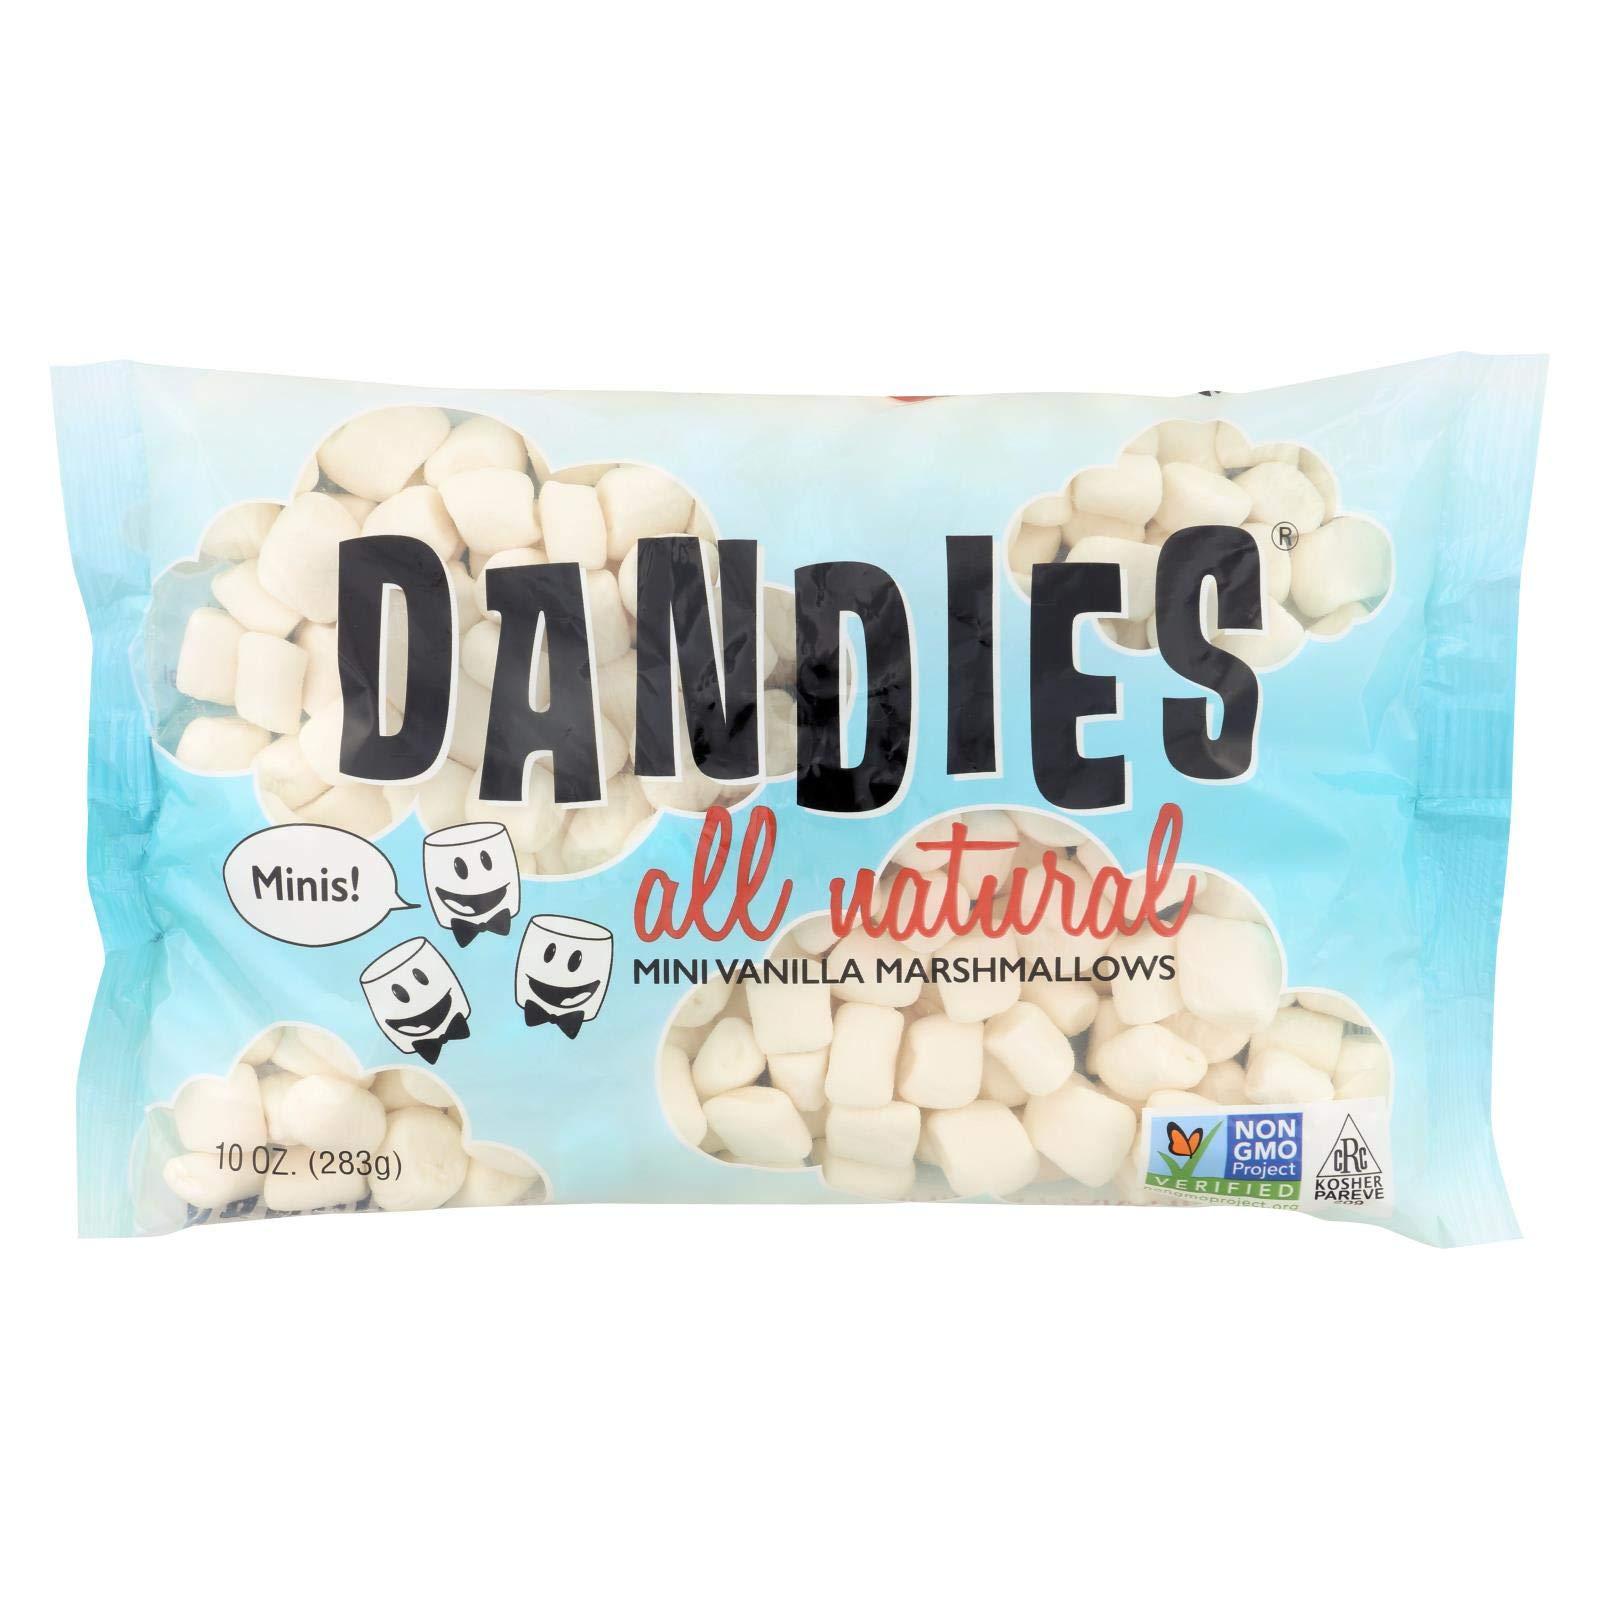 Dandies Air Puffed Mini Marshmallows - Classic Vanilla - Case of 12 - 10 oz. by Dandies